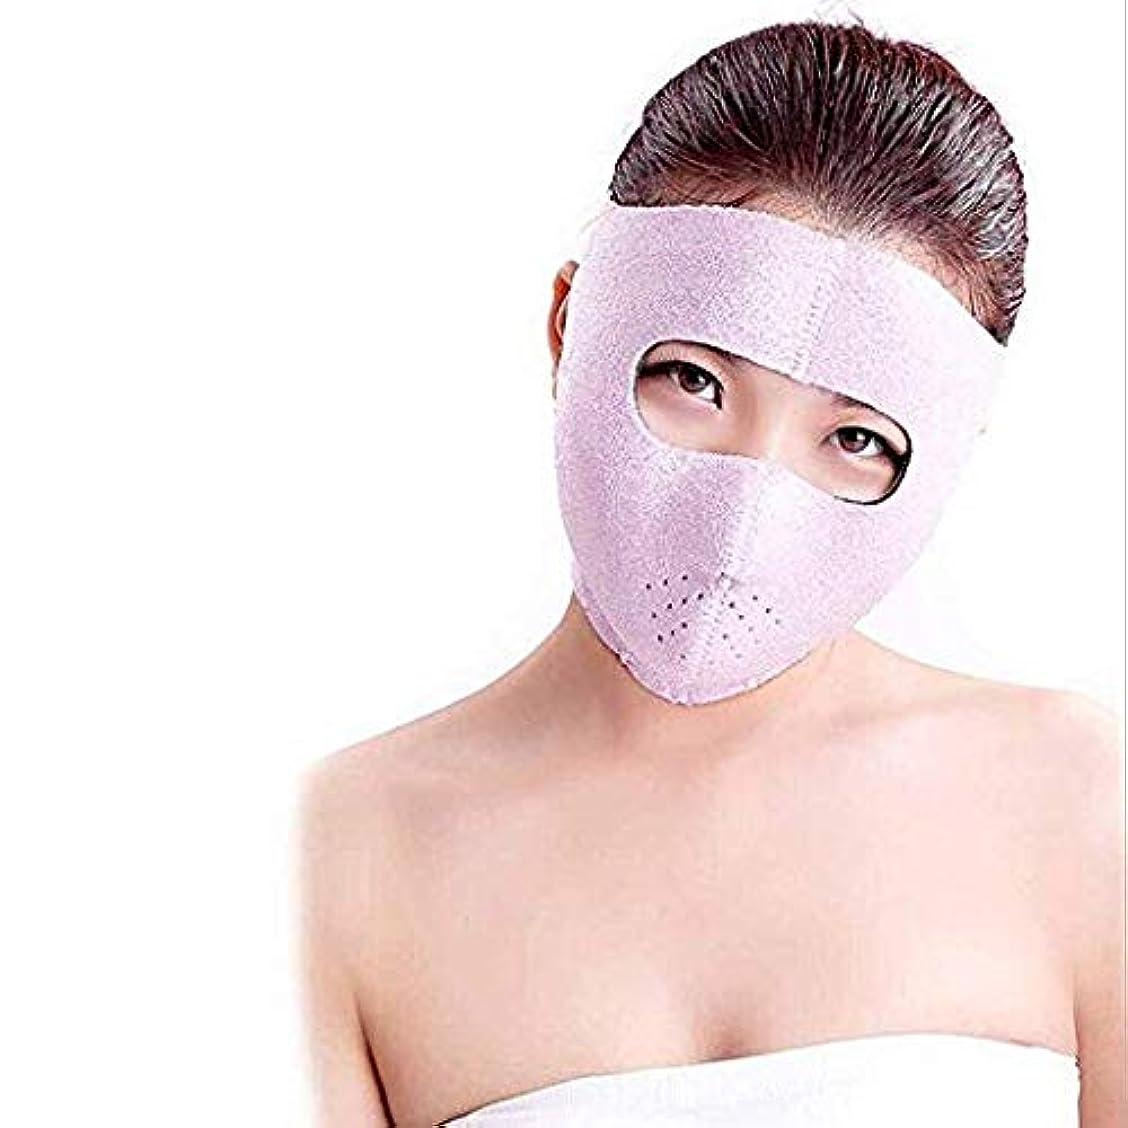 シンポジウム種コピー小顔ベルト 薄い顔ベルト マスク 矯正 美顔 顔痩せ 日焼け防止 全顔カバー レディ 防尘 通気性 顔保護 顔美容 全顔包帯 耳かけ 全顔 日遮る 額かばう フェイスパック